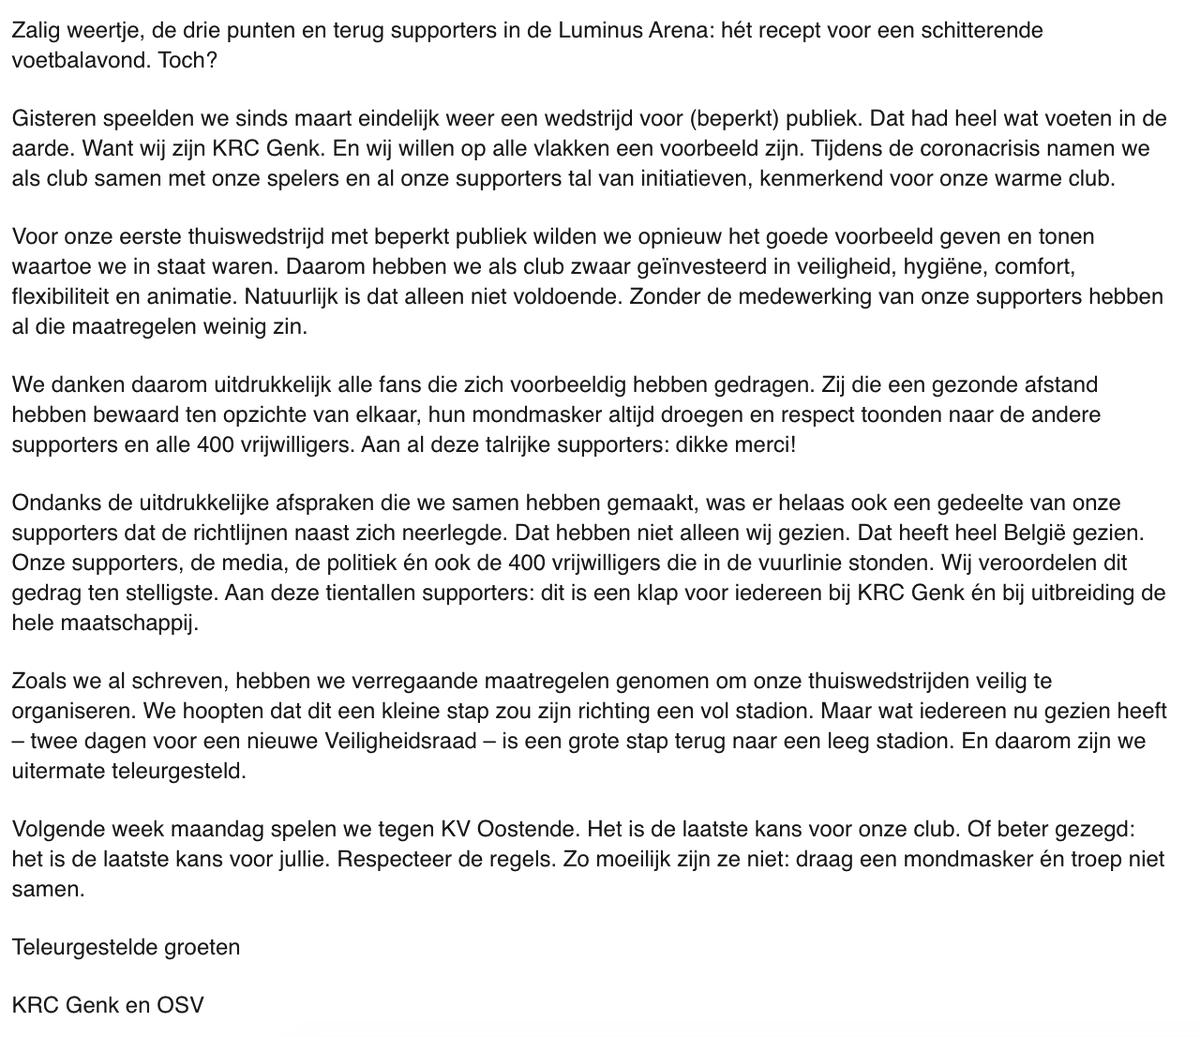 Open brief aan onze supporters: Gewonnen, maar teleurgesteld. https://t.co/USSqrC2zkE